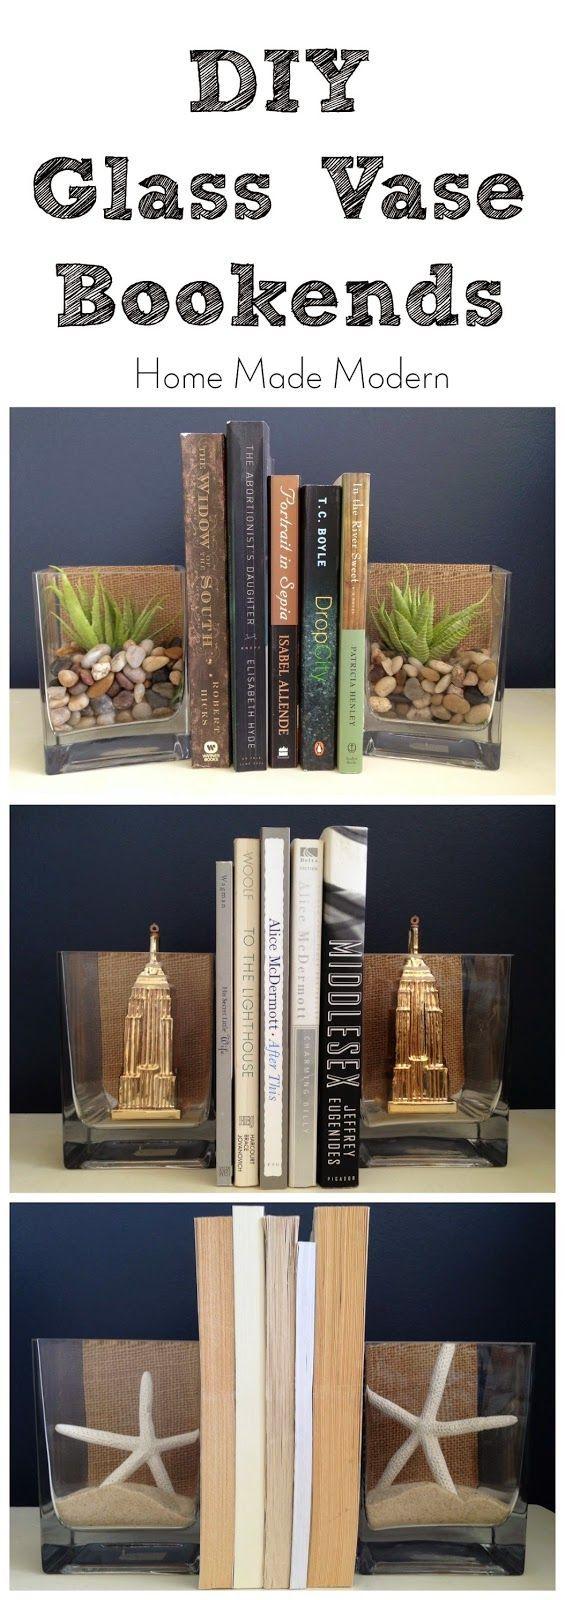 DIY Glass Vase Bookends – # Bookends #Decoration #DIY #Glass Vase